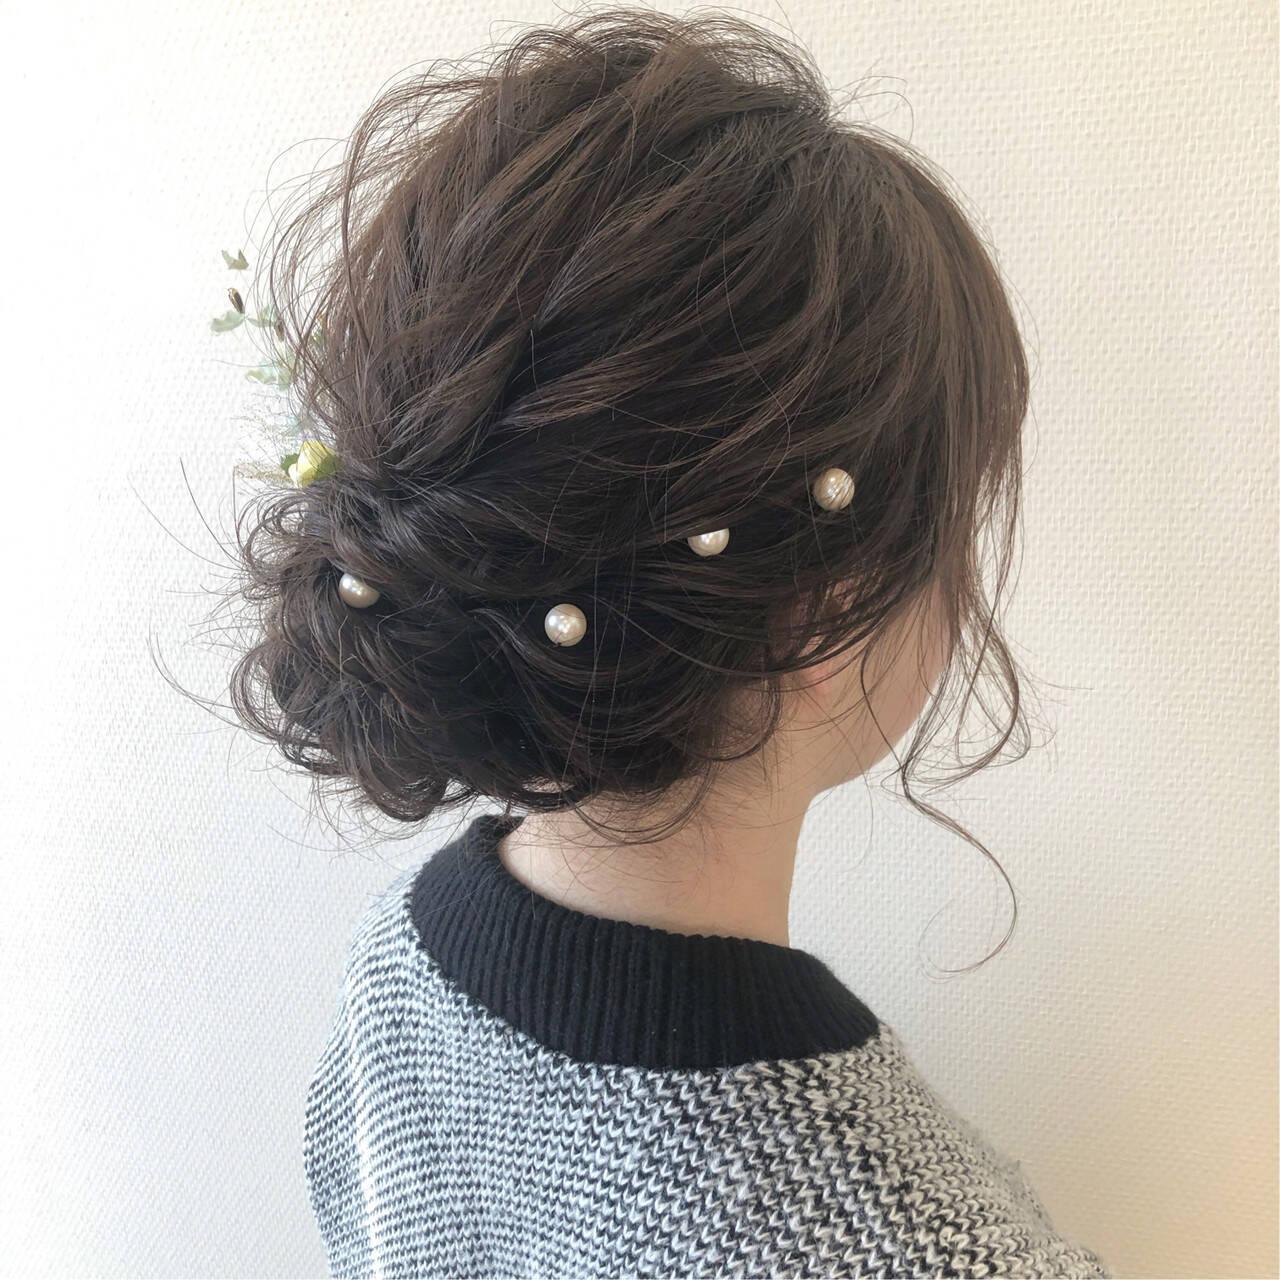 ヘアセット 卒業式 セミロング ヘアアレンジヘアスタイルや髪型の写真・画像